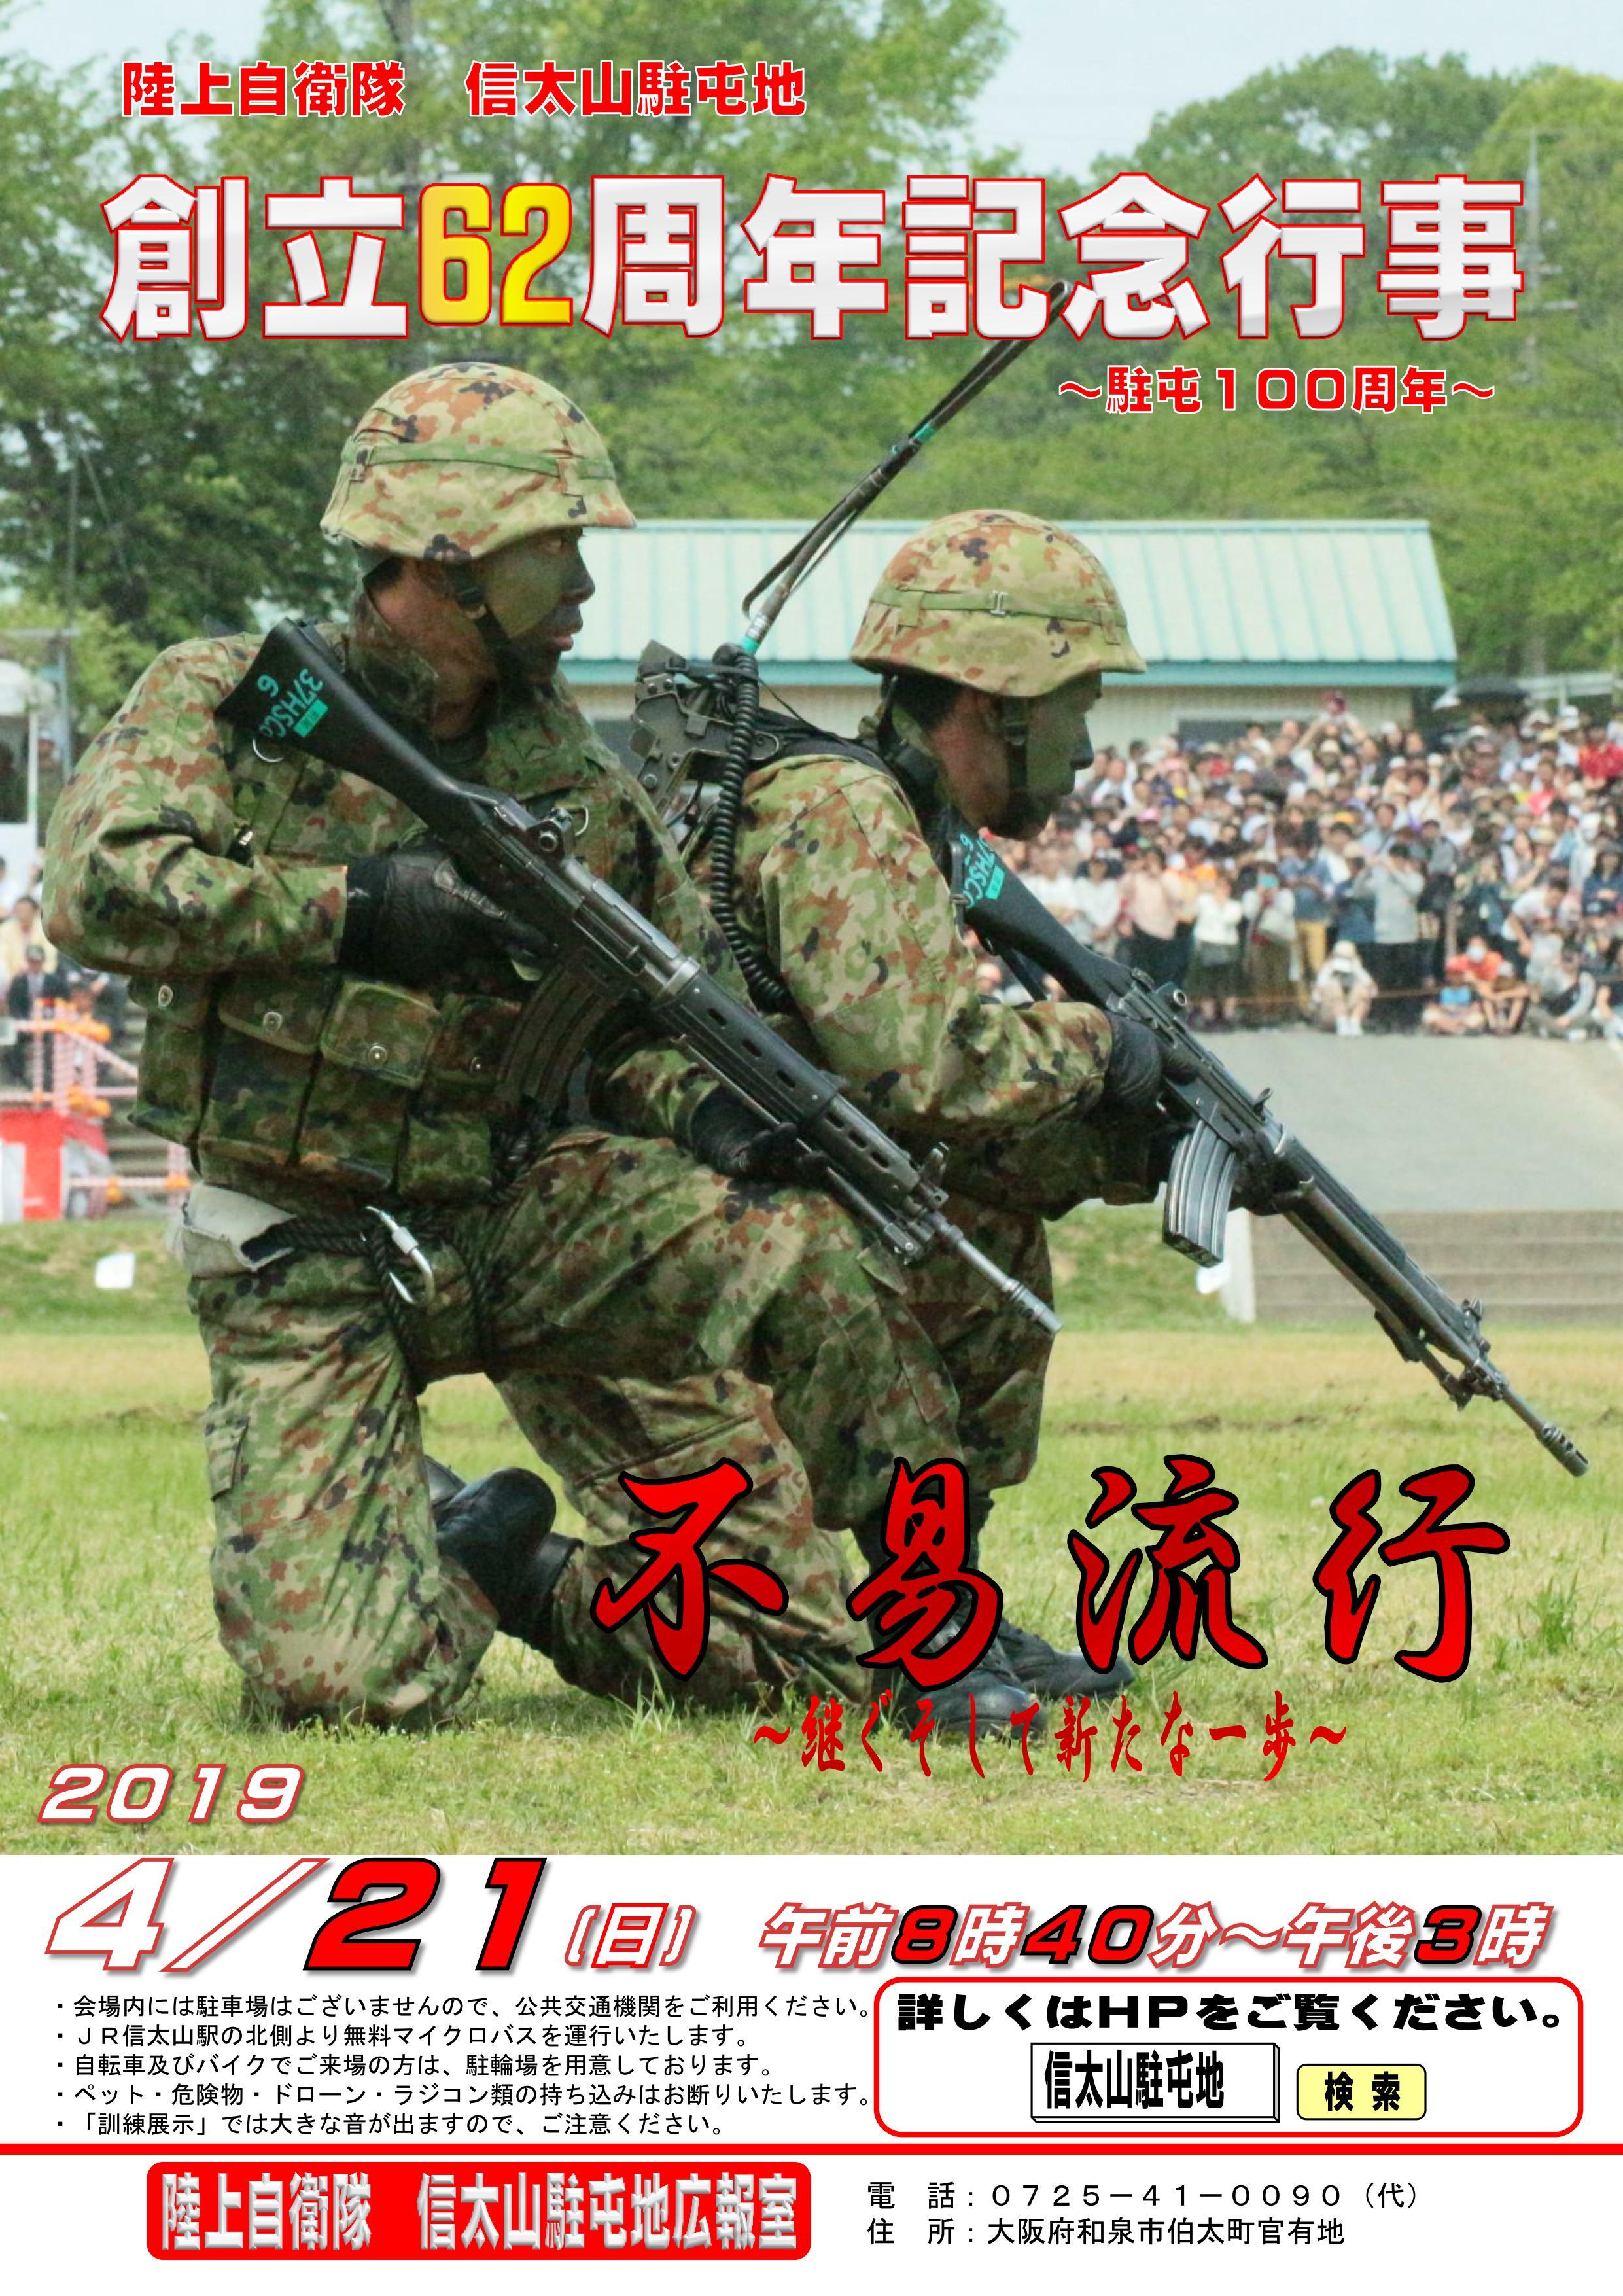 【終了】2019年4月21日(日) 陸上自衛隊信太山駐屯地 創立62周年記念行事